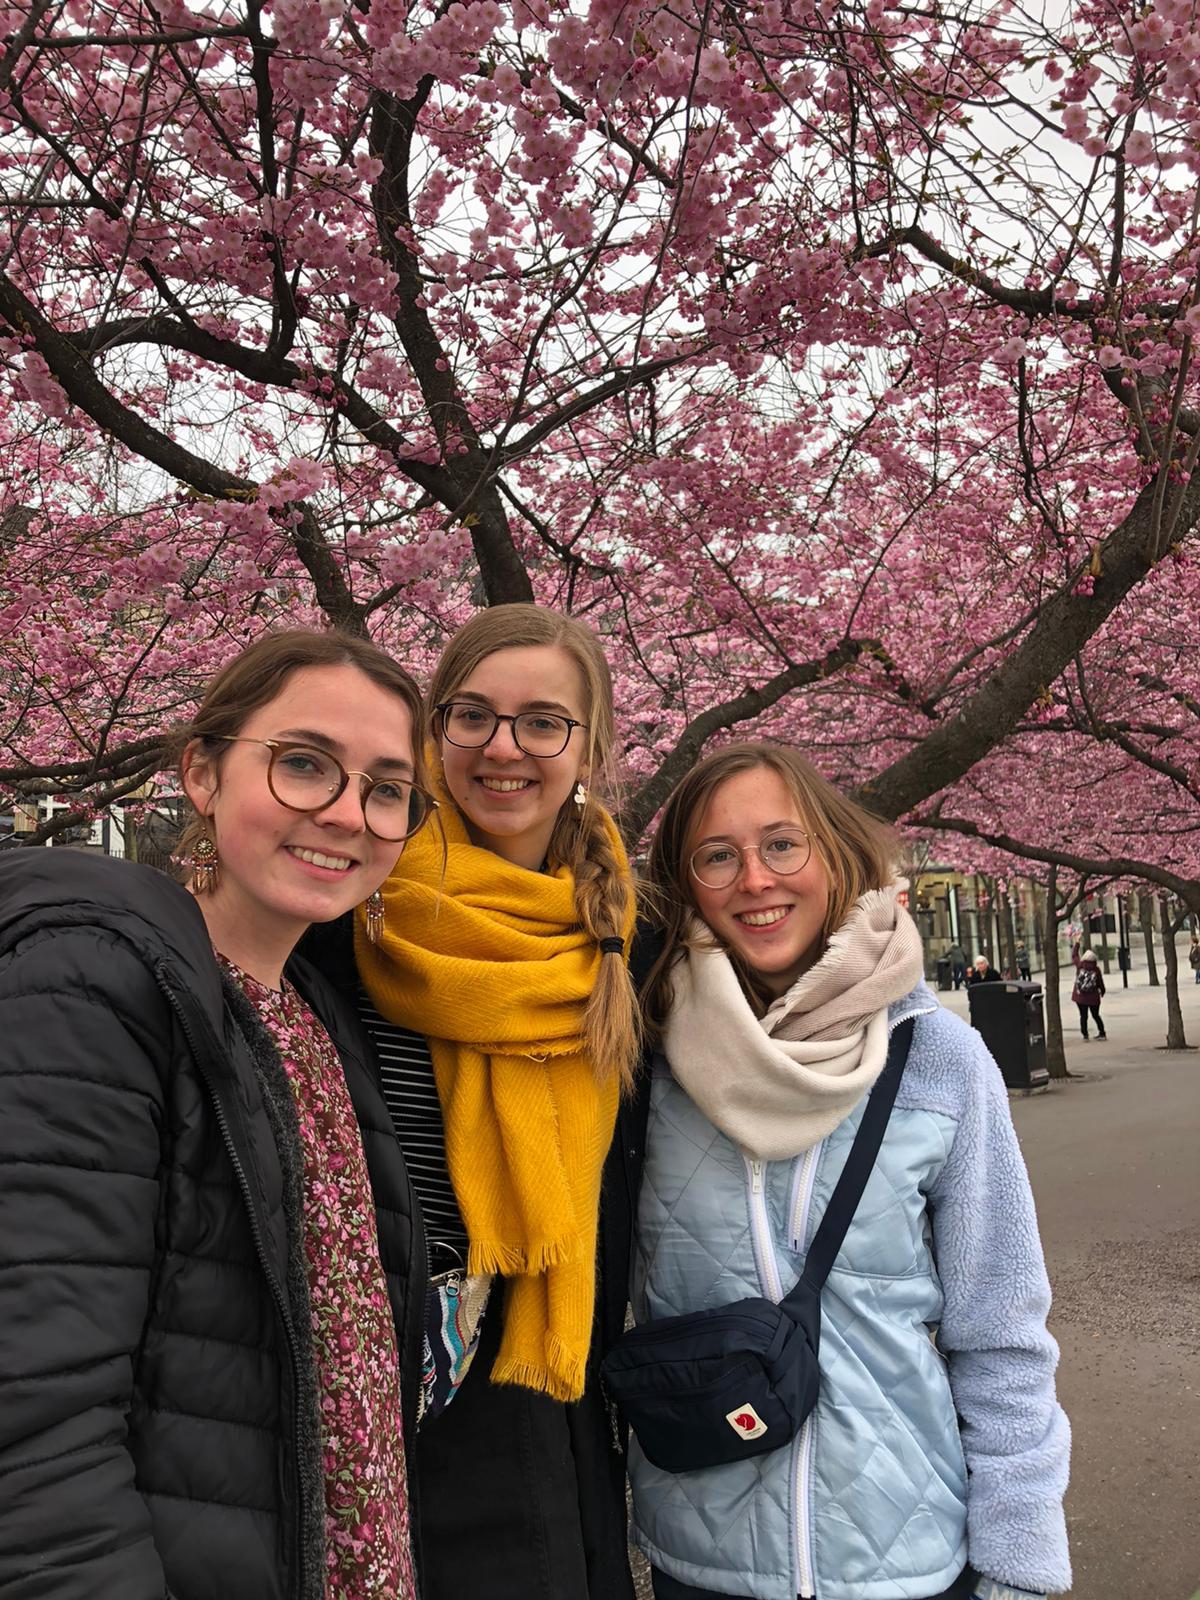 Clarita, Julia und Hannah vor den blühenden Kirschbäumen in Stockholm